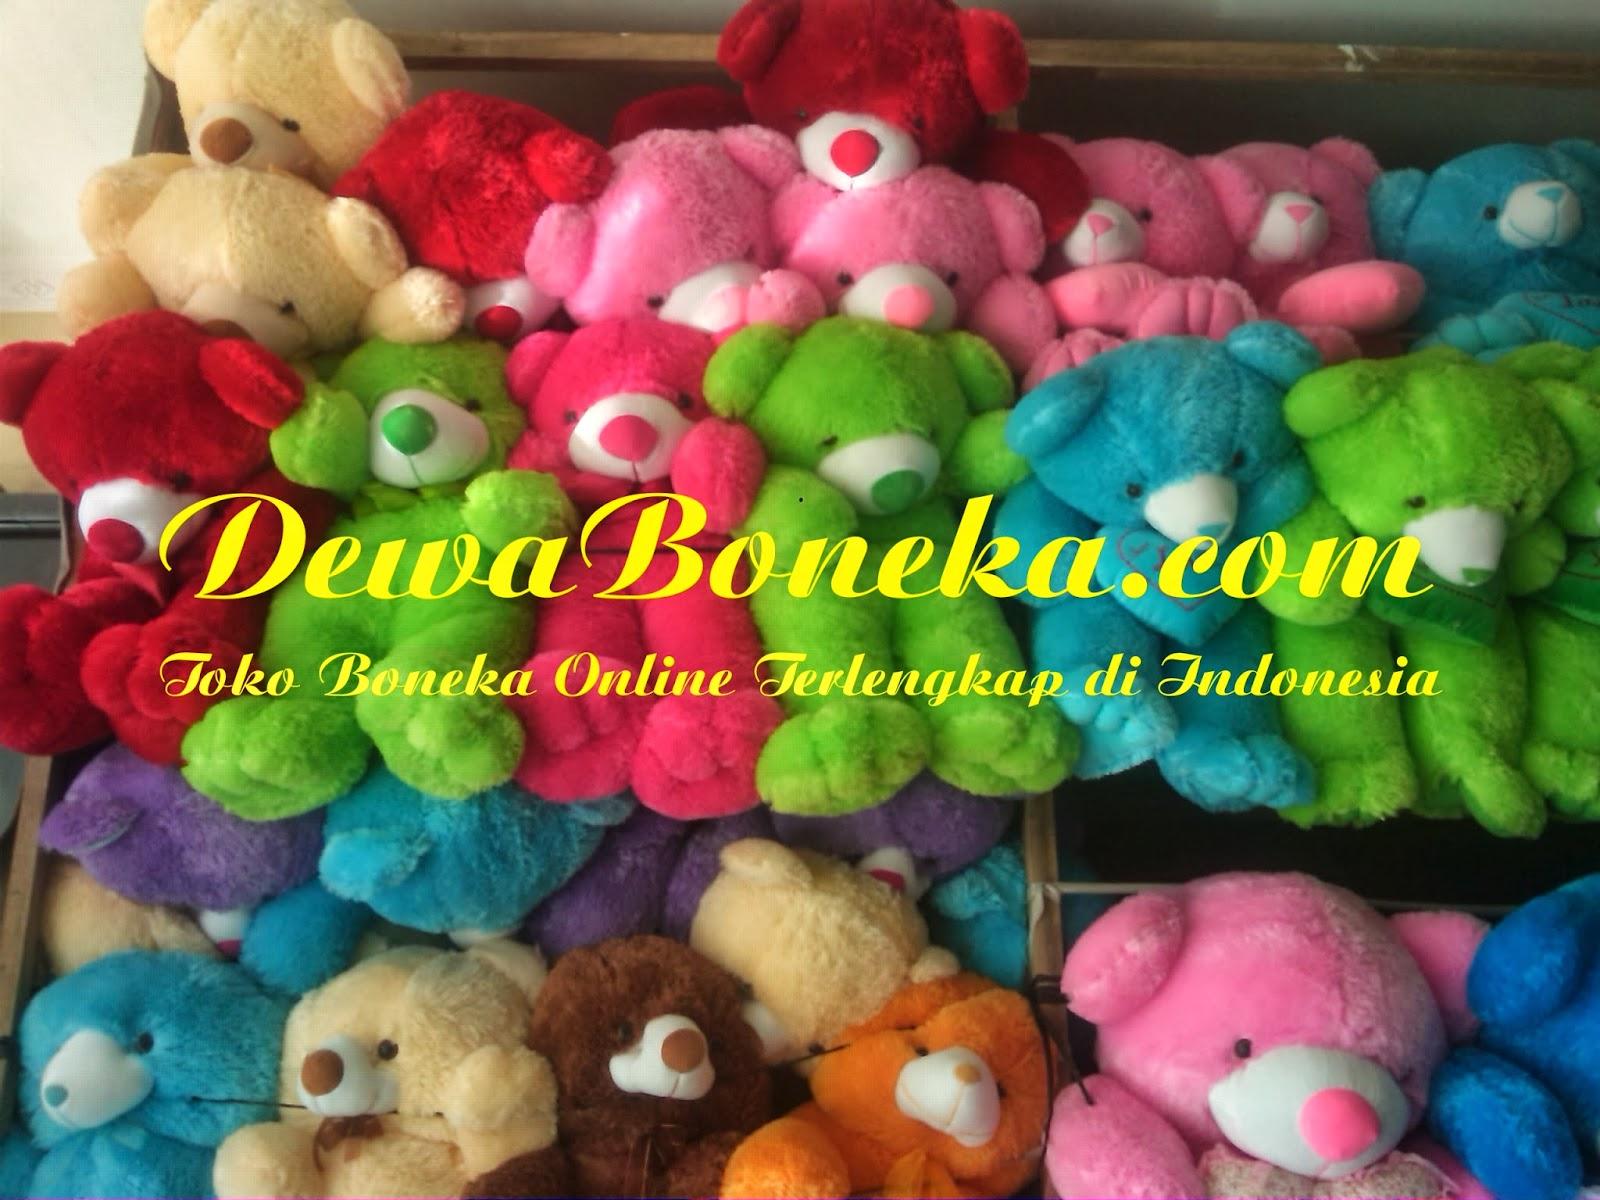 Toko boneka online milik kami adalah toko boneka yang menjual boneka lucu  yang berkualitas memiliki harga murah tetapi tidak murahan. Di toko boneka  online ... b7d80f9637